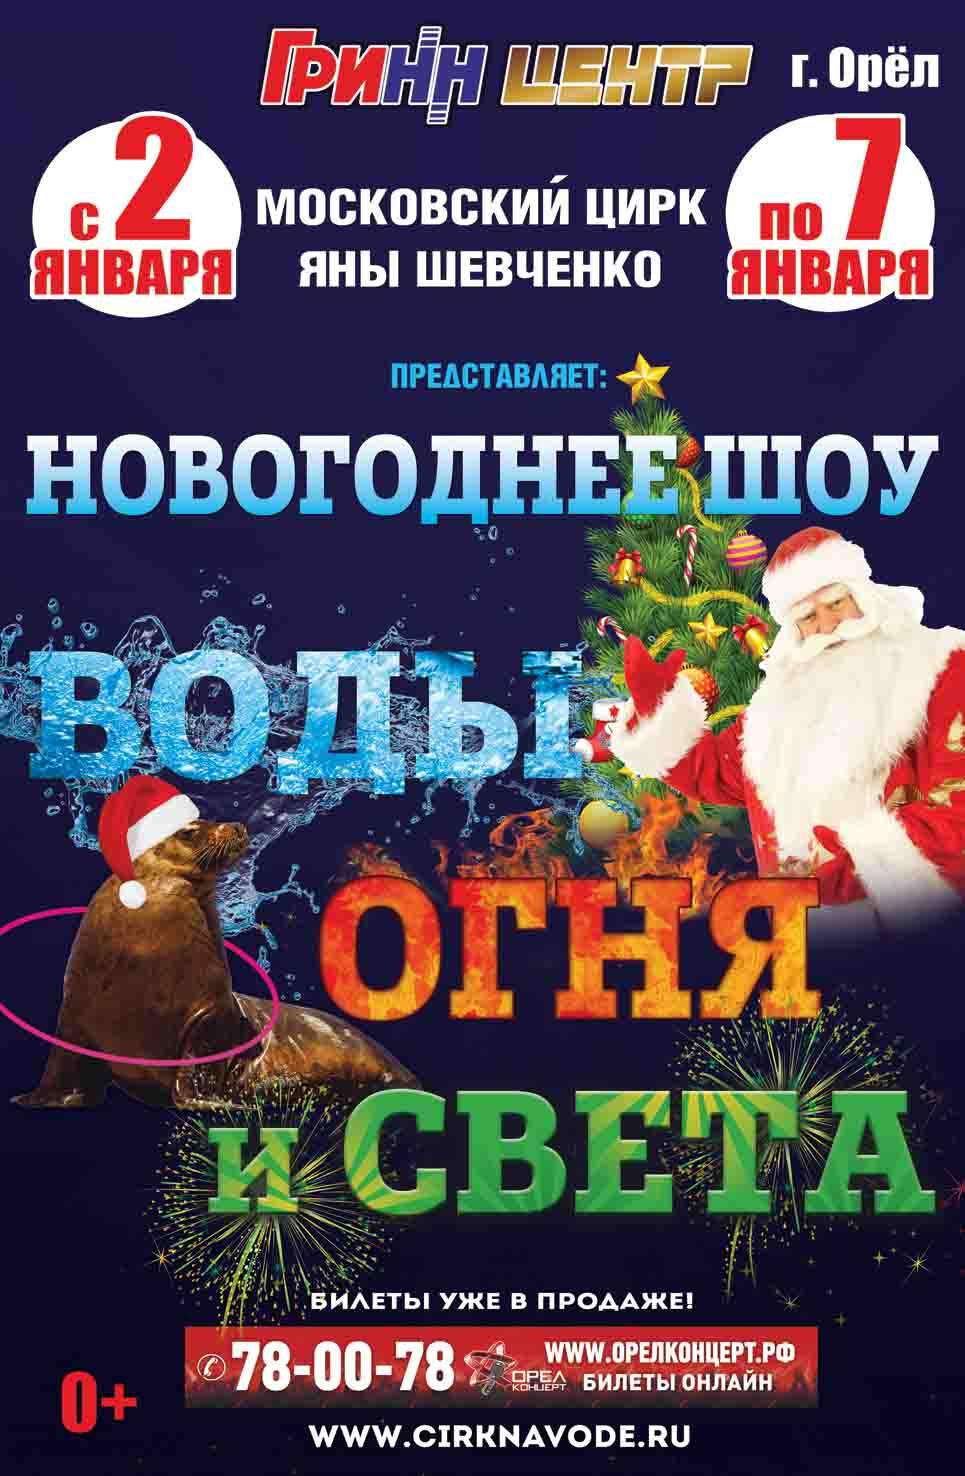 Афиша детских спектаклей орел билеты в детский театр по купонам